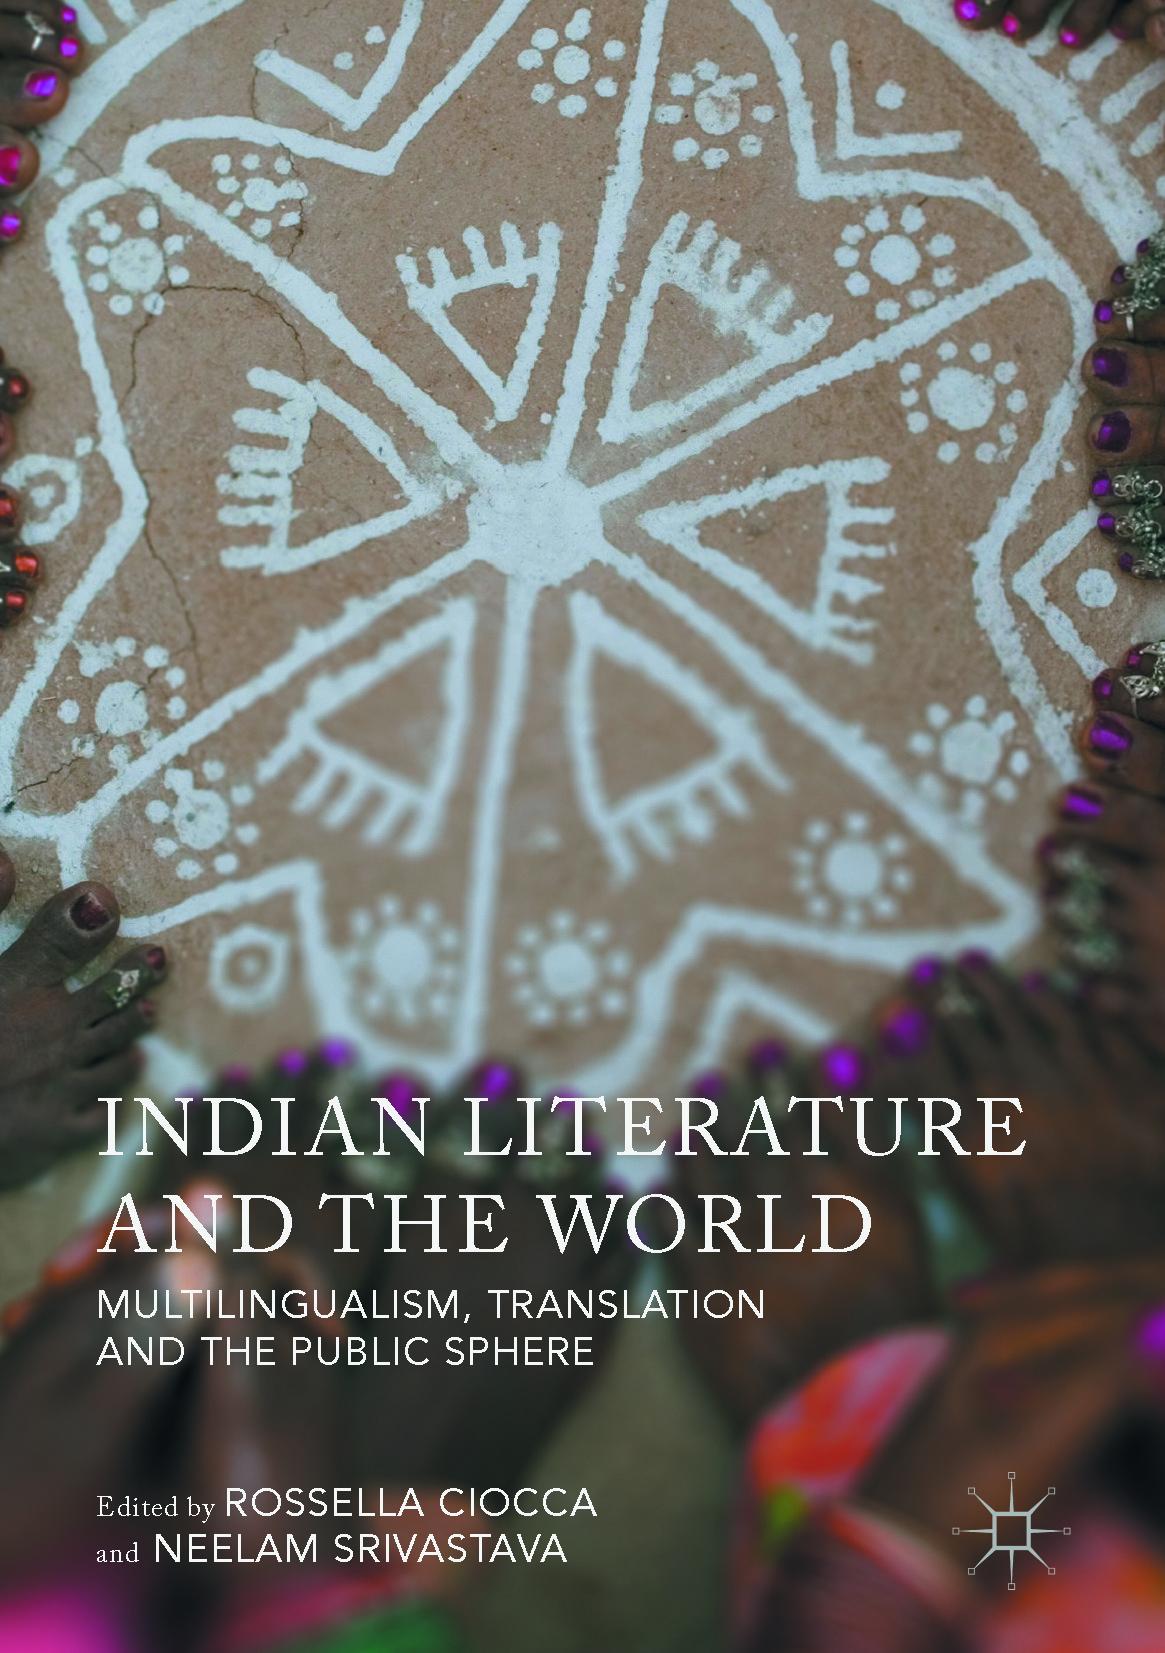 Ciocca, Rossella - Indian Literature and the World, e-kirja